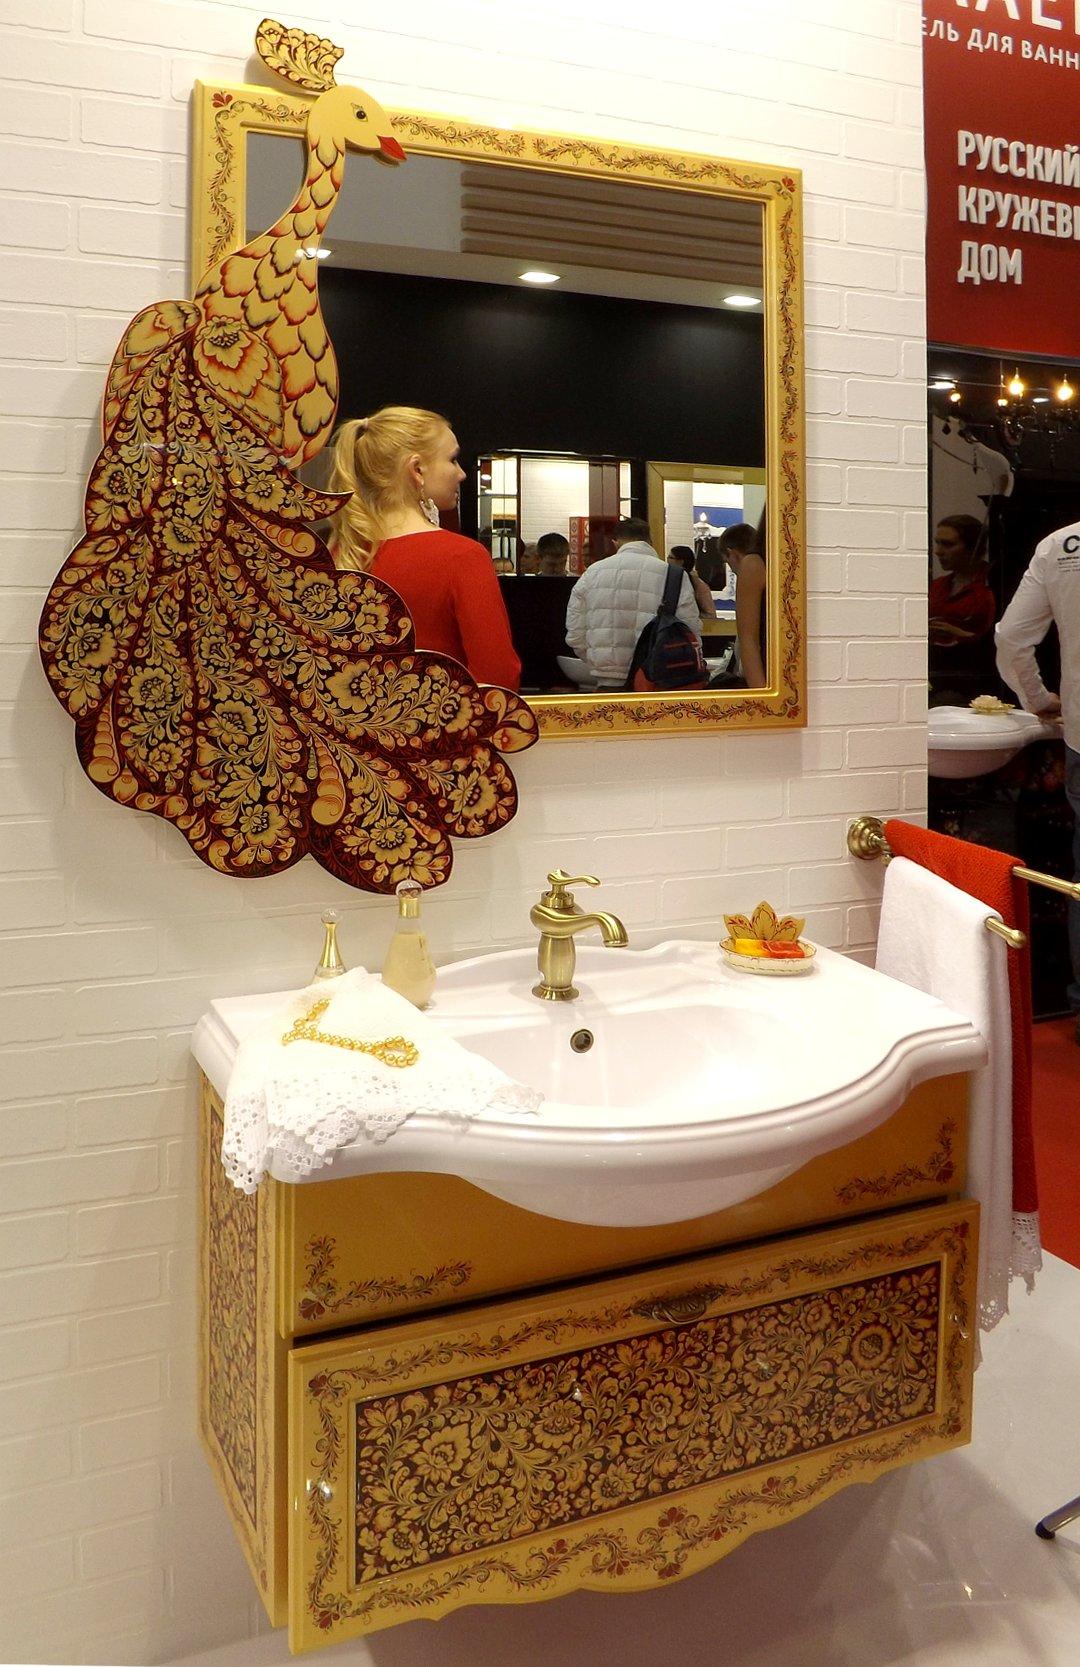 Раковина для ванной тумбой и зеркалом, украшенные рисунками на тему сказок о Жар-Птице, представленные на выставке MosBuild 2017 в Москве